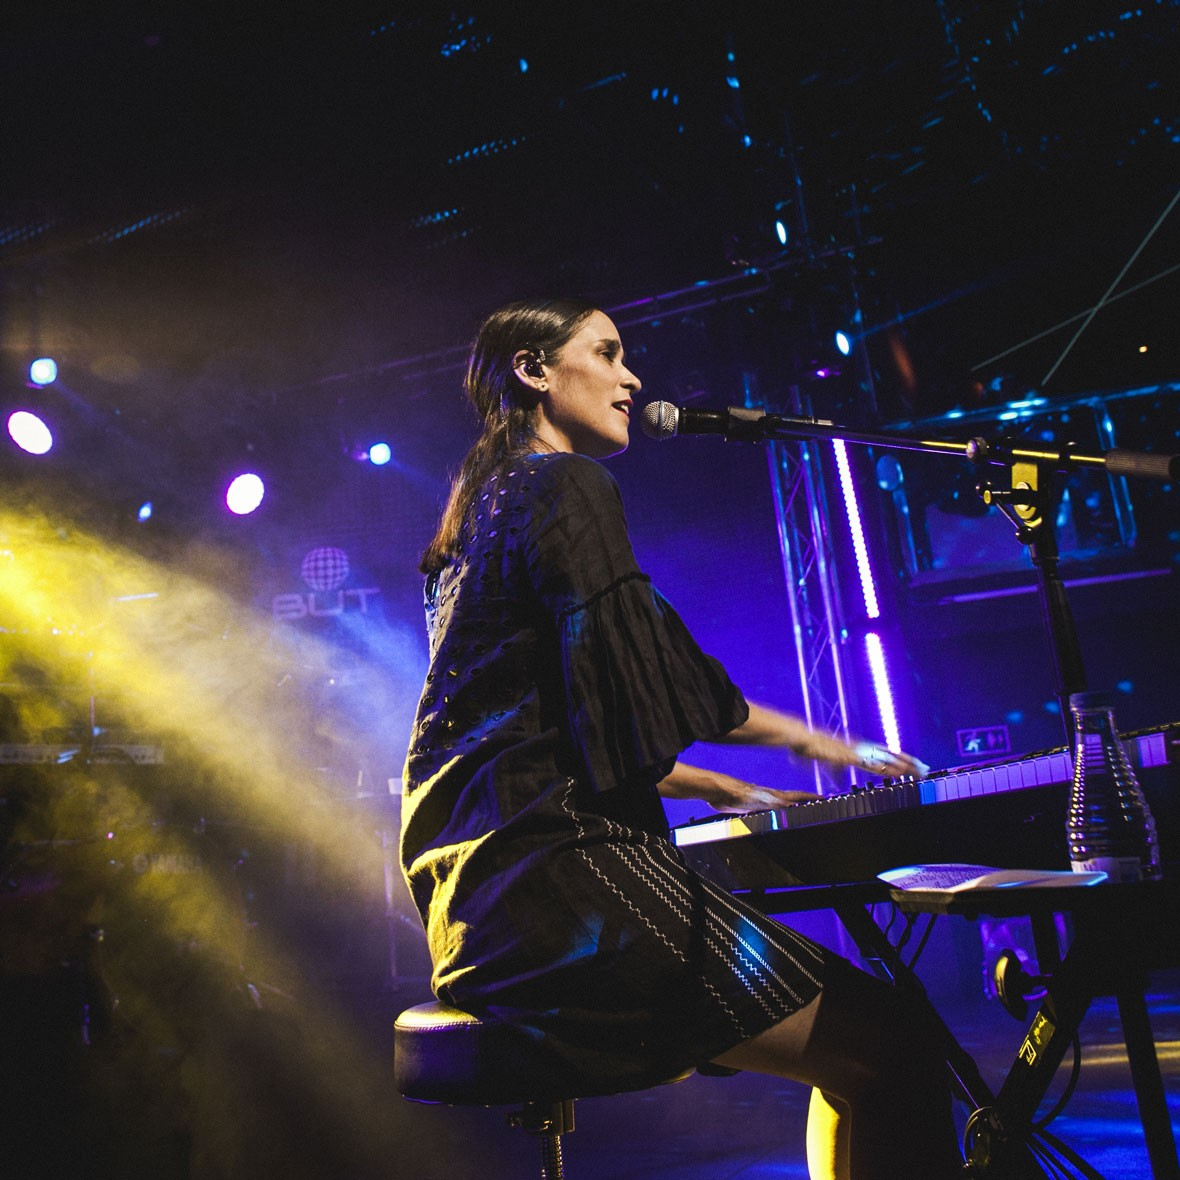 Julieta Venegas volta a Porto Alegre com novo formato de show: 'Me inspira muito'